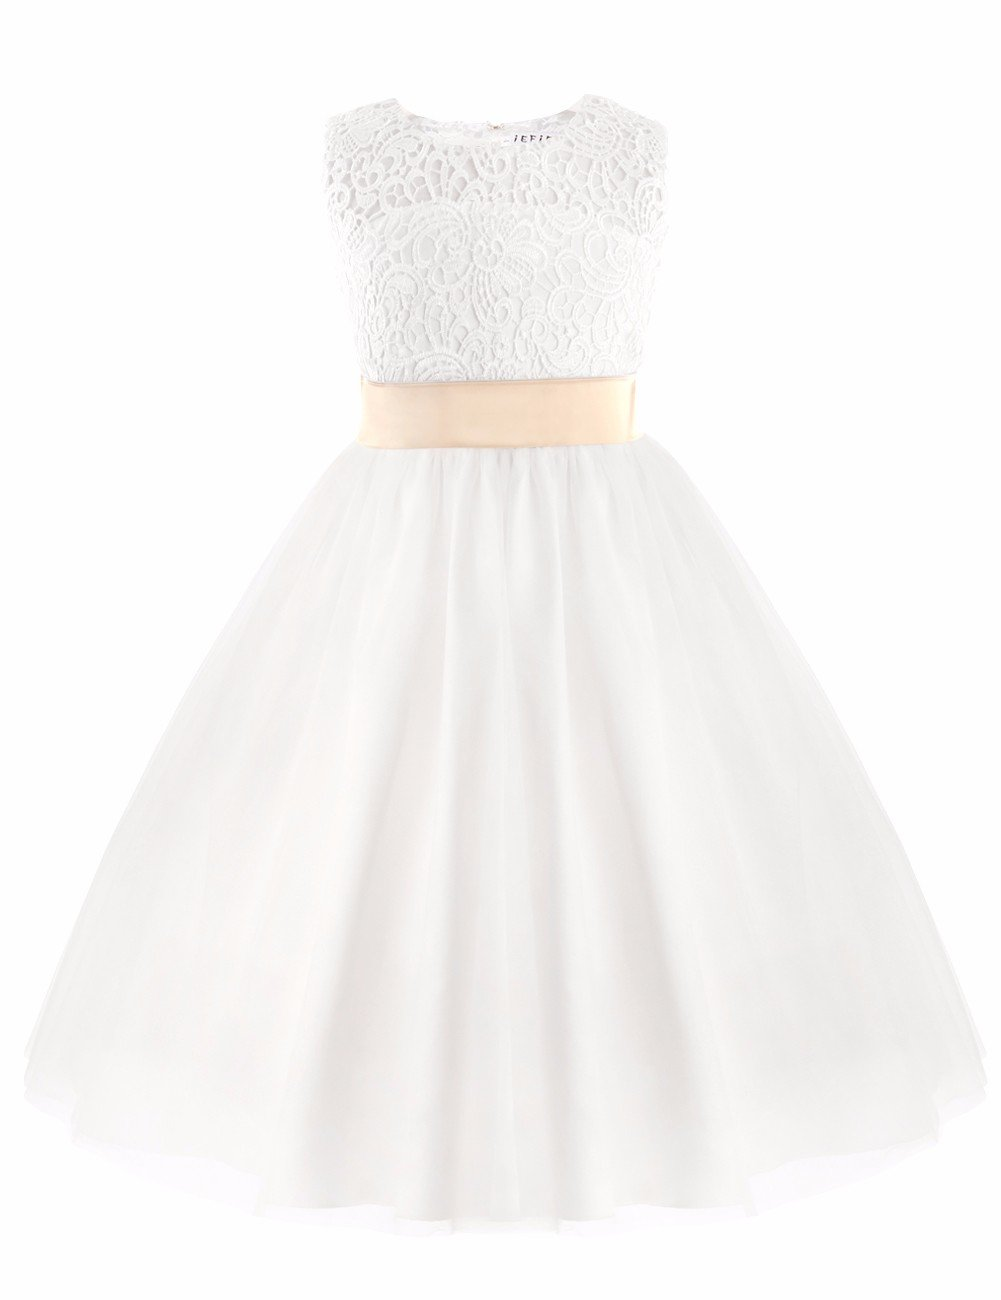 iEFiEL Vestido Blanco de Princesa Fiesta Ceremonia Boda Vestido Floreado Bautizo para Niña (2-